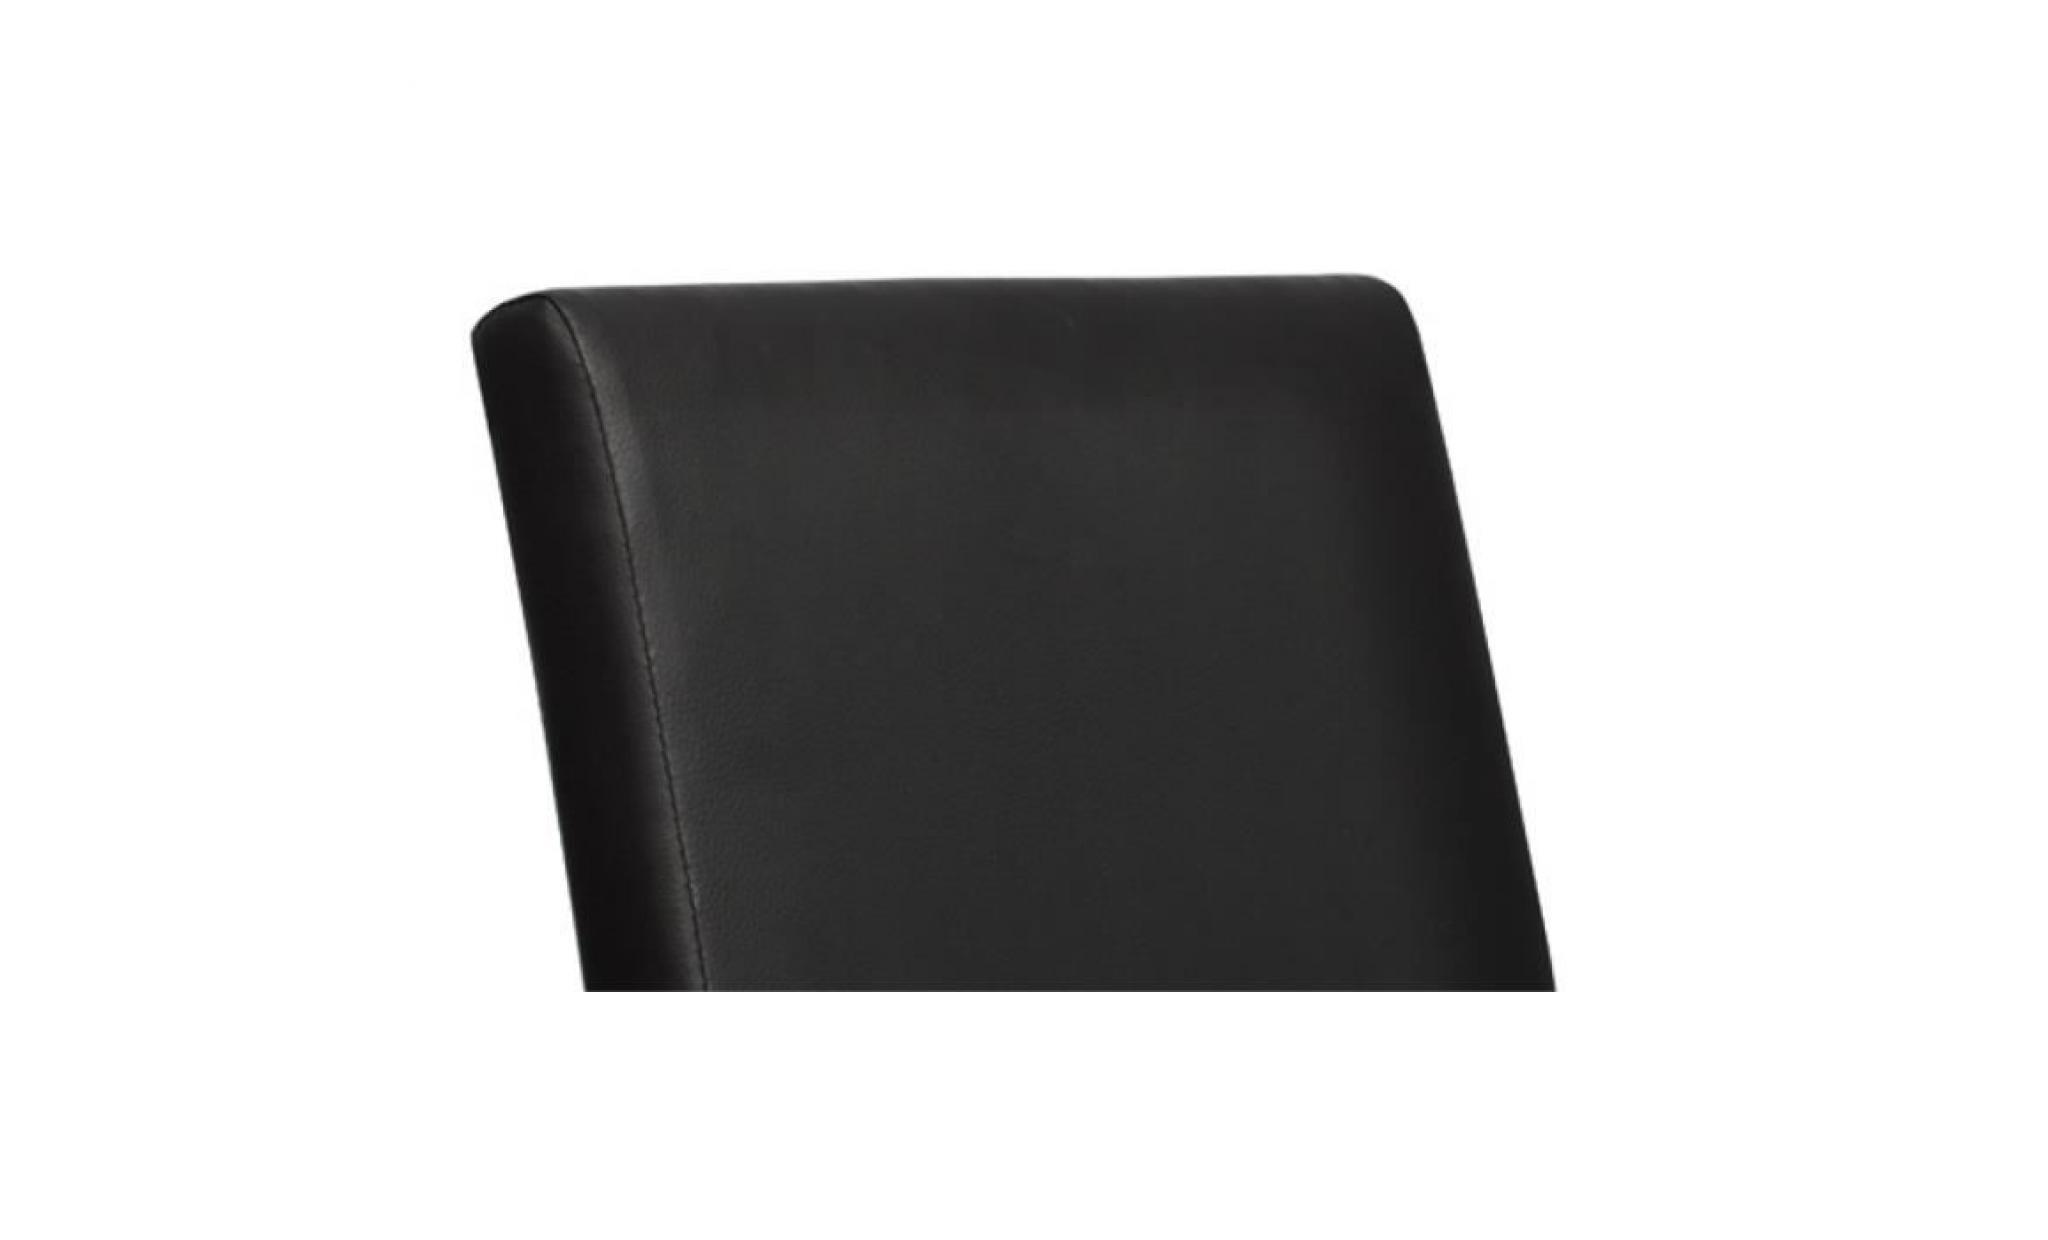 chaise design classique noire lot de 4 achat vente chaise salle a manger pas cher couleur. Black Bedroom Furniture Sets. Home Design Ideas